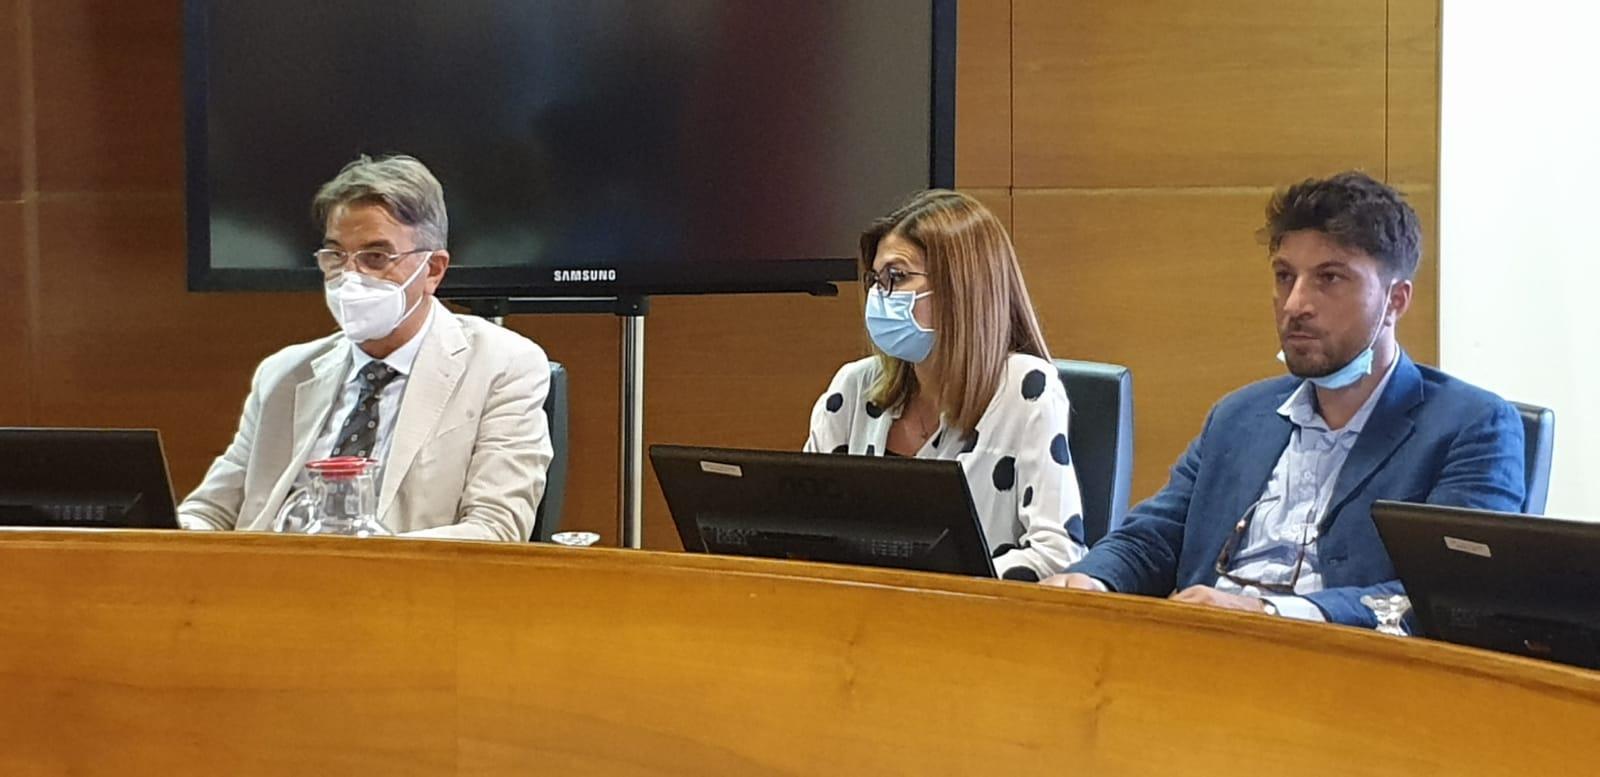 Vallo della Lucania, conferenza istruttoria per la nuova caserma dei Carabinieri - Gwendalina.tv